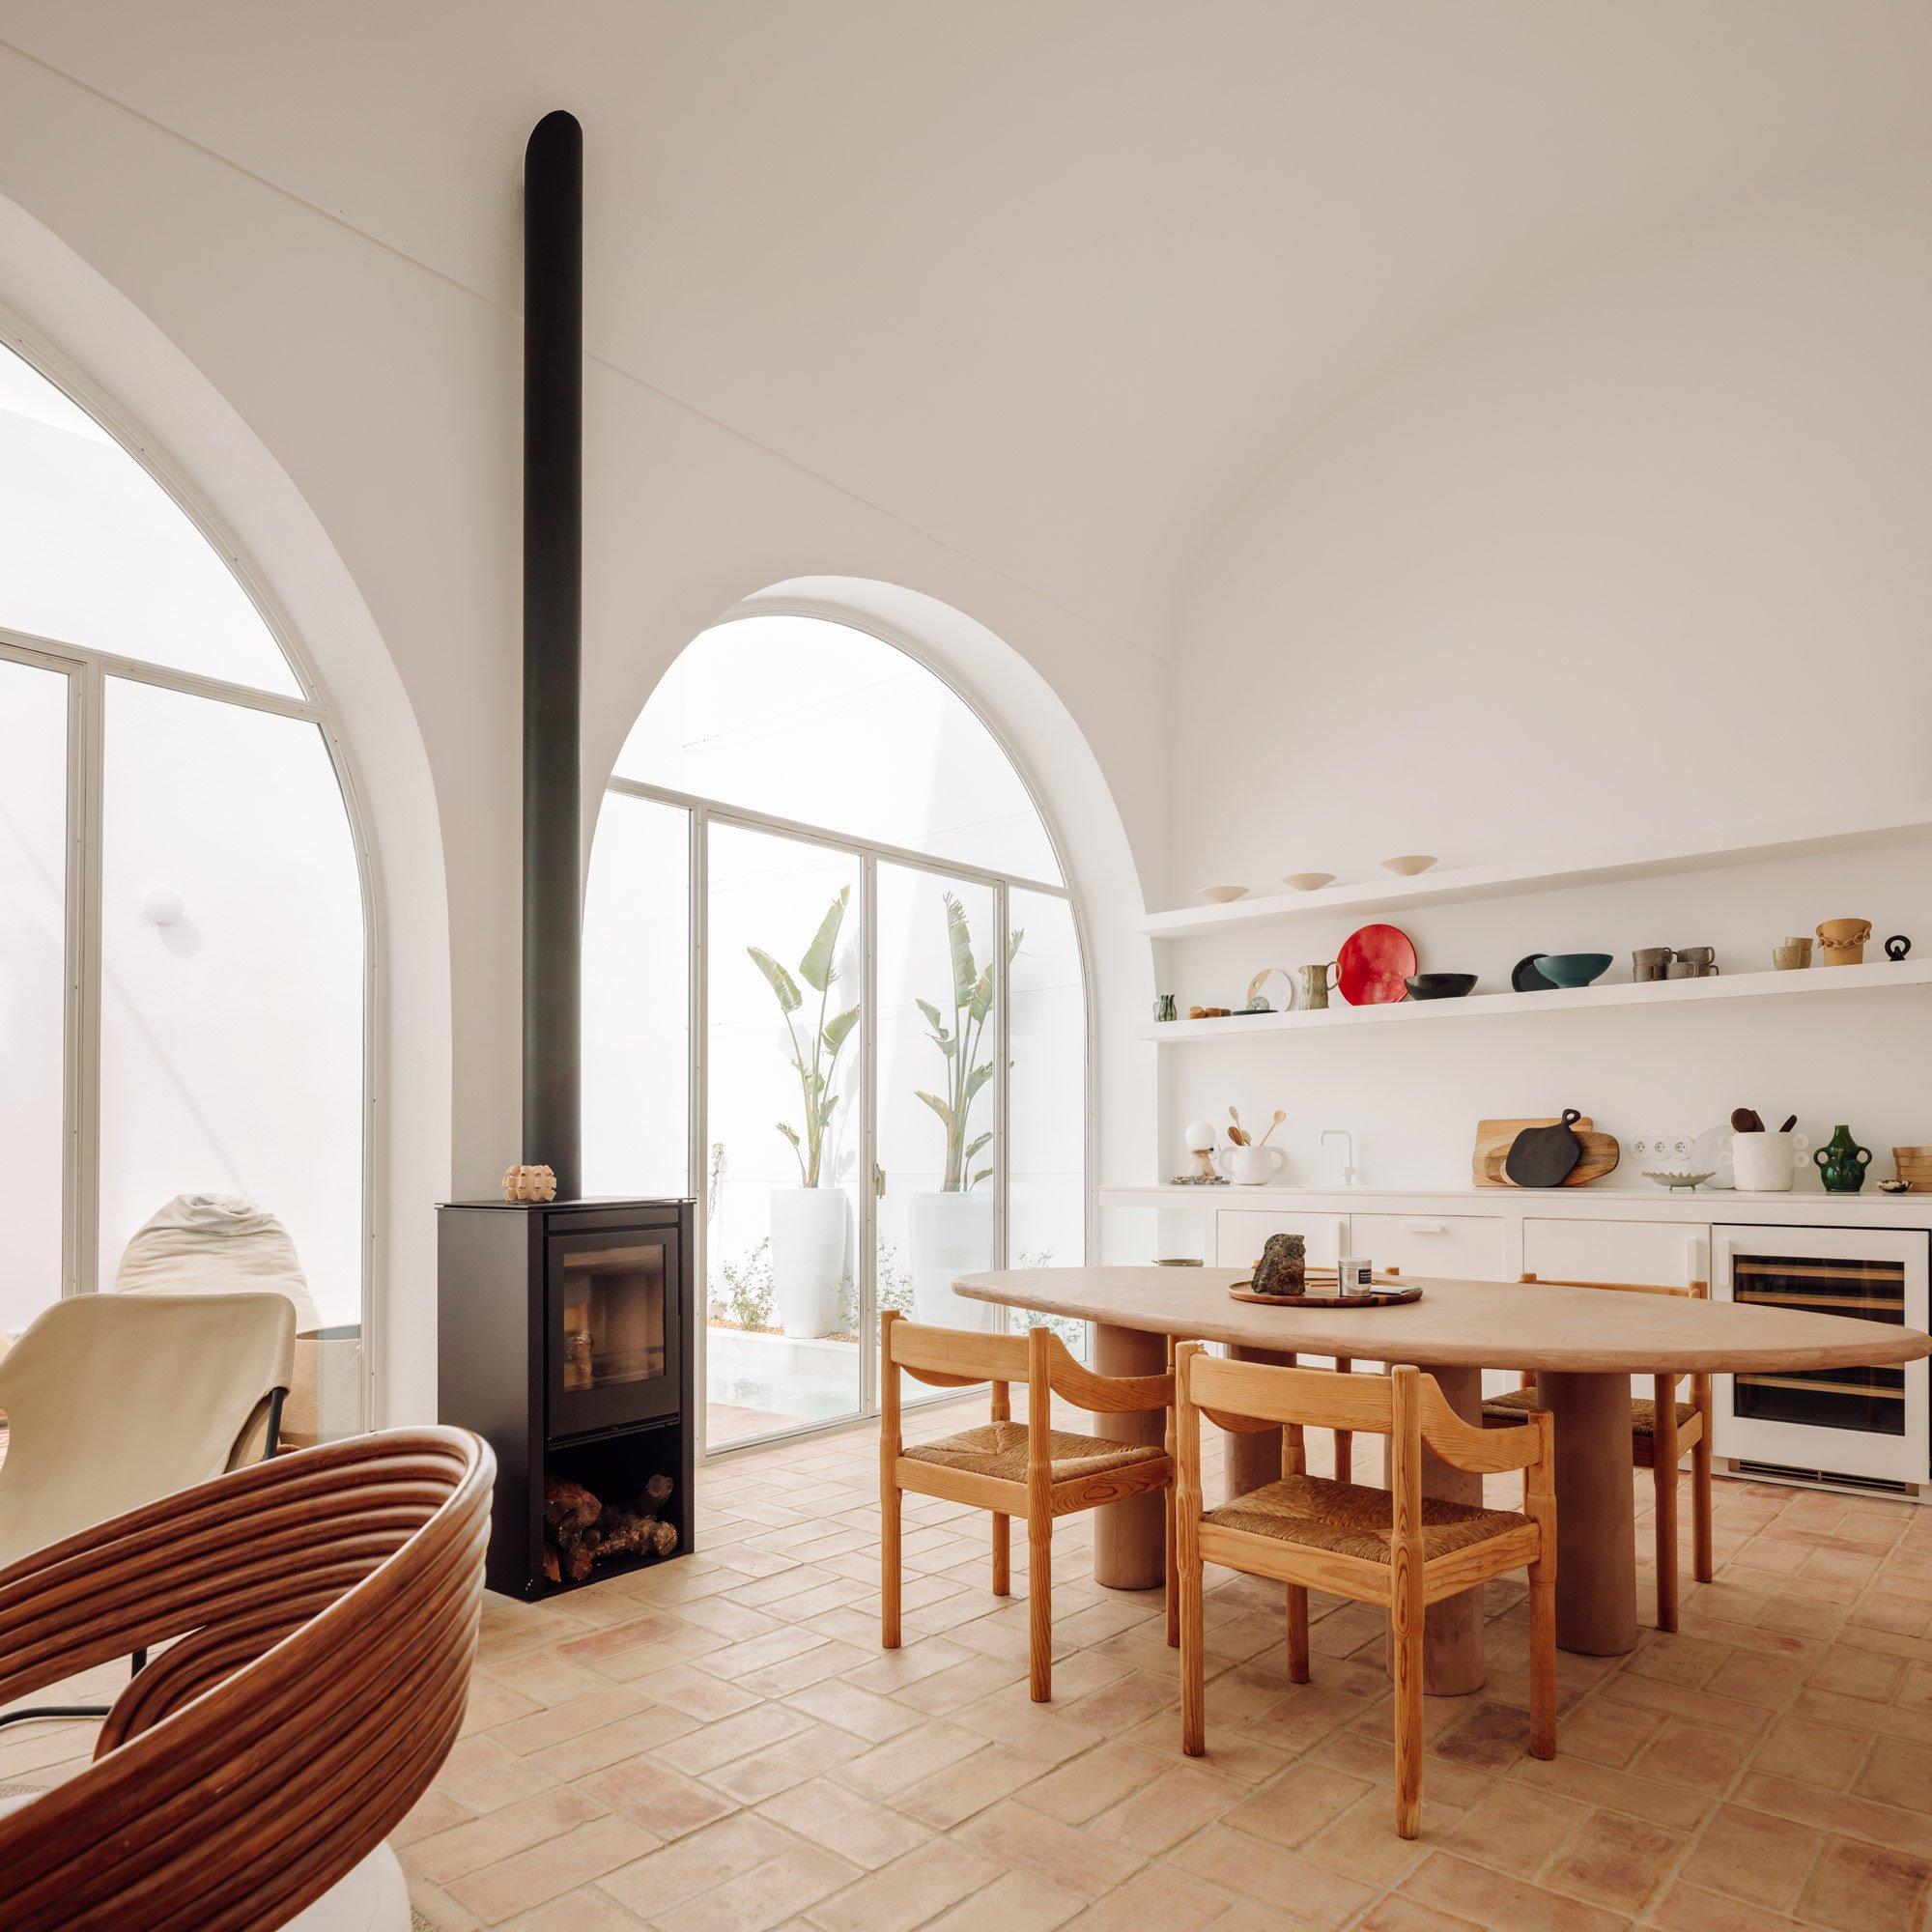 Die untere Wohnebene des Stadthauses gestaltete Atelier Rua als fliessenden Raum, um vor allem die hohen Decken der ehemaliger Lagerhalle wirken zu lassen.